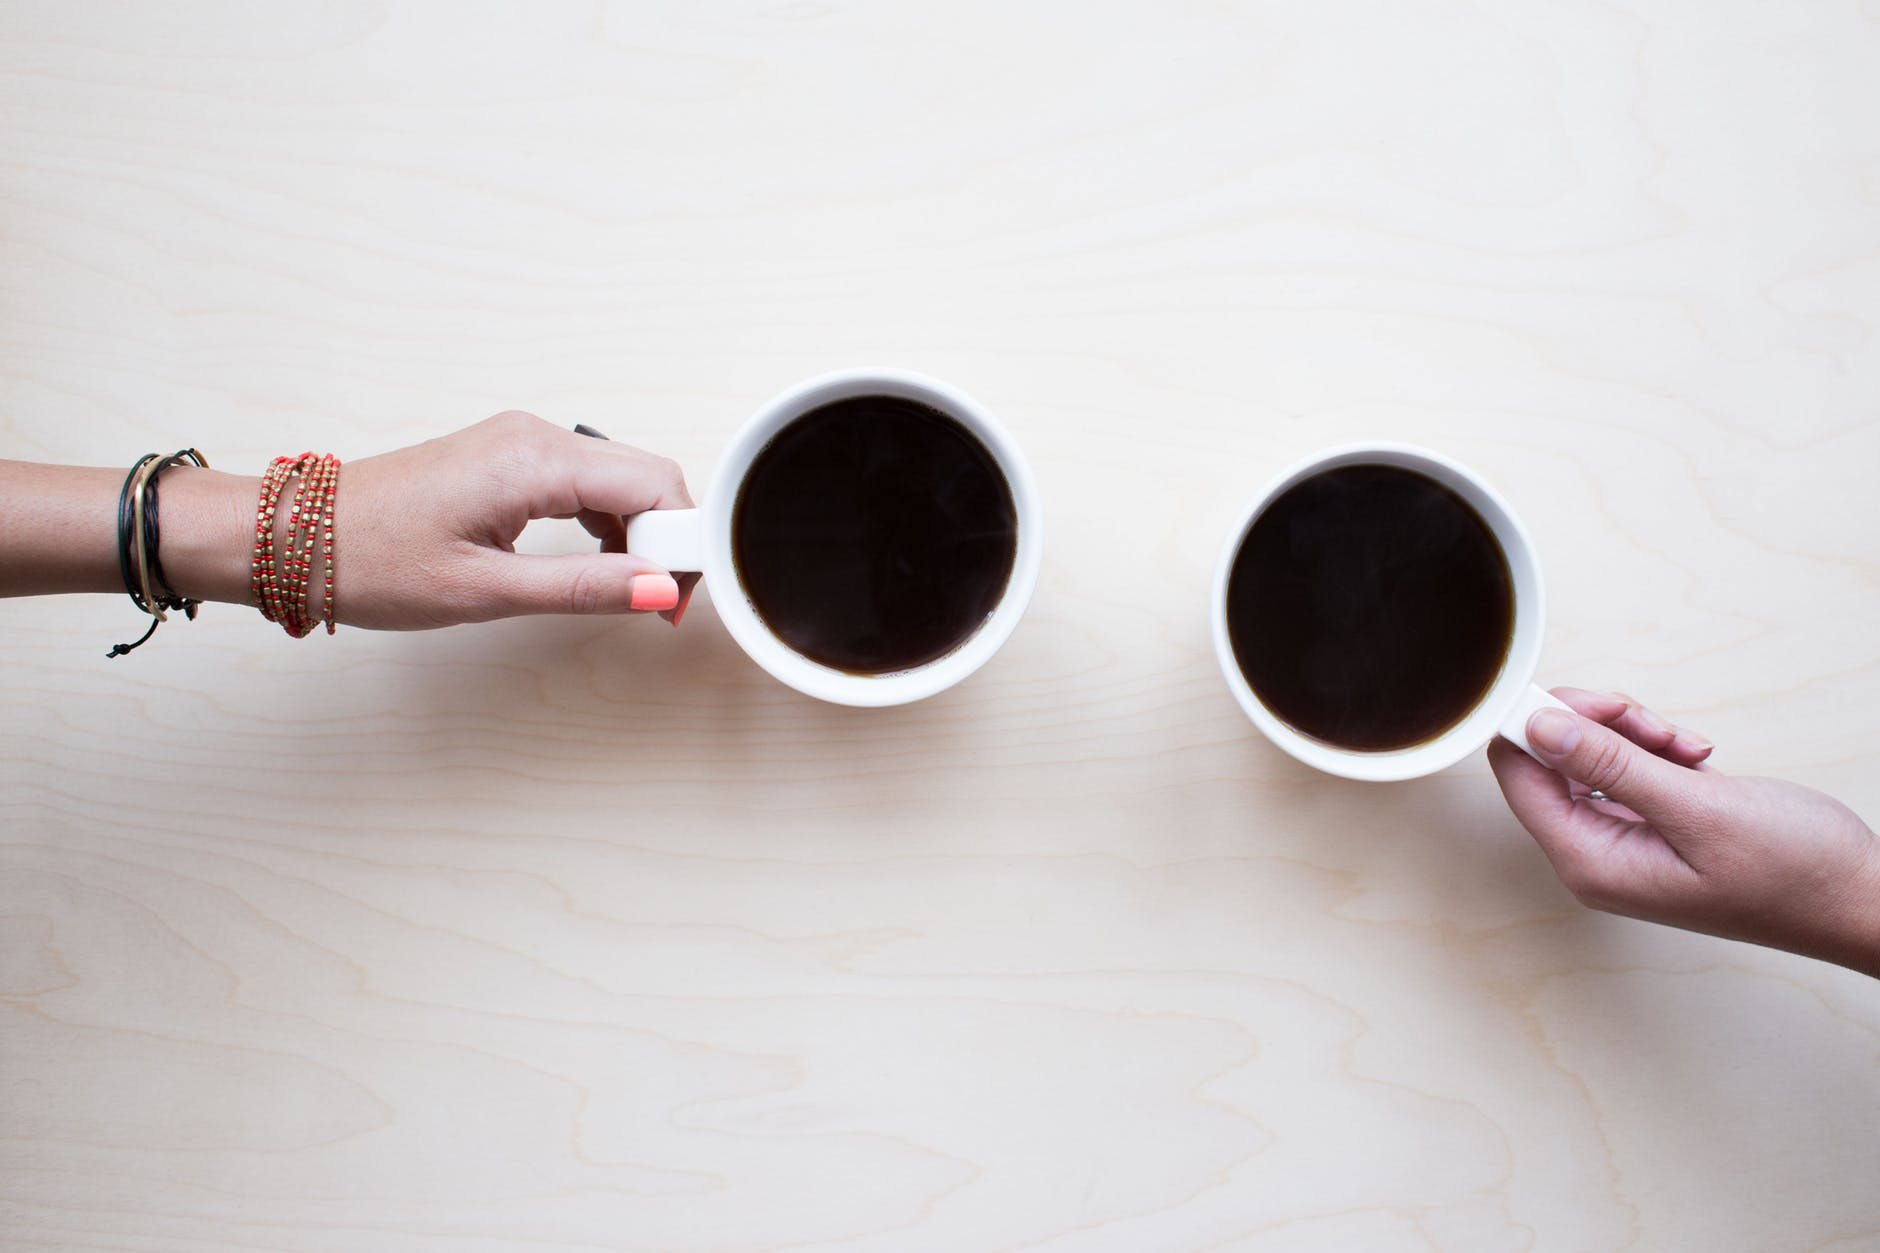 ข้อเสียของการดื่มกาแฟมากเกินไป